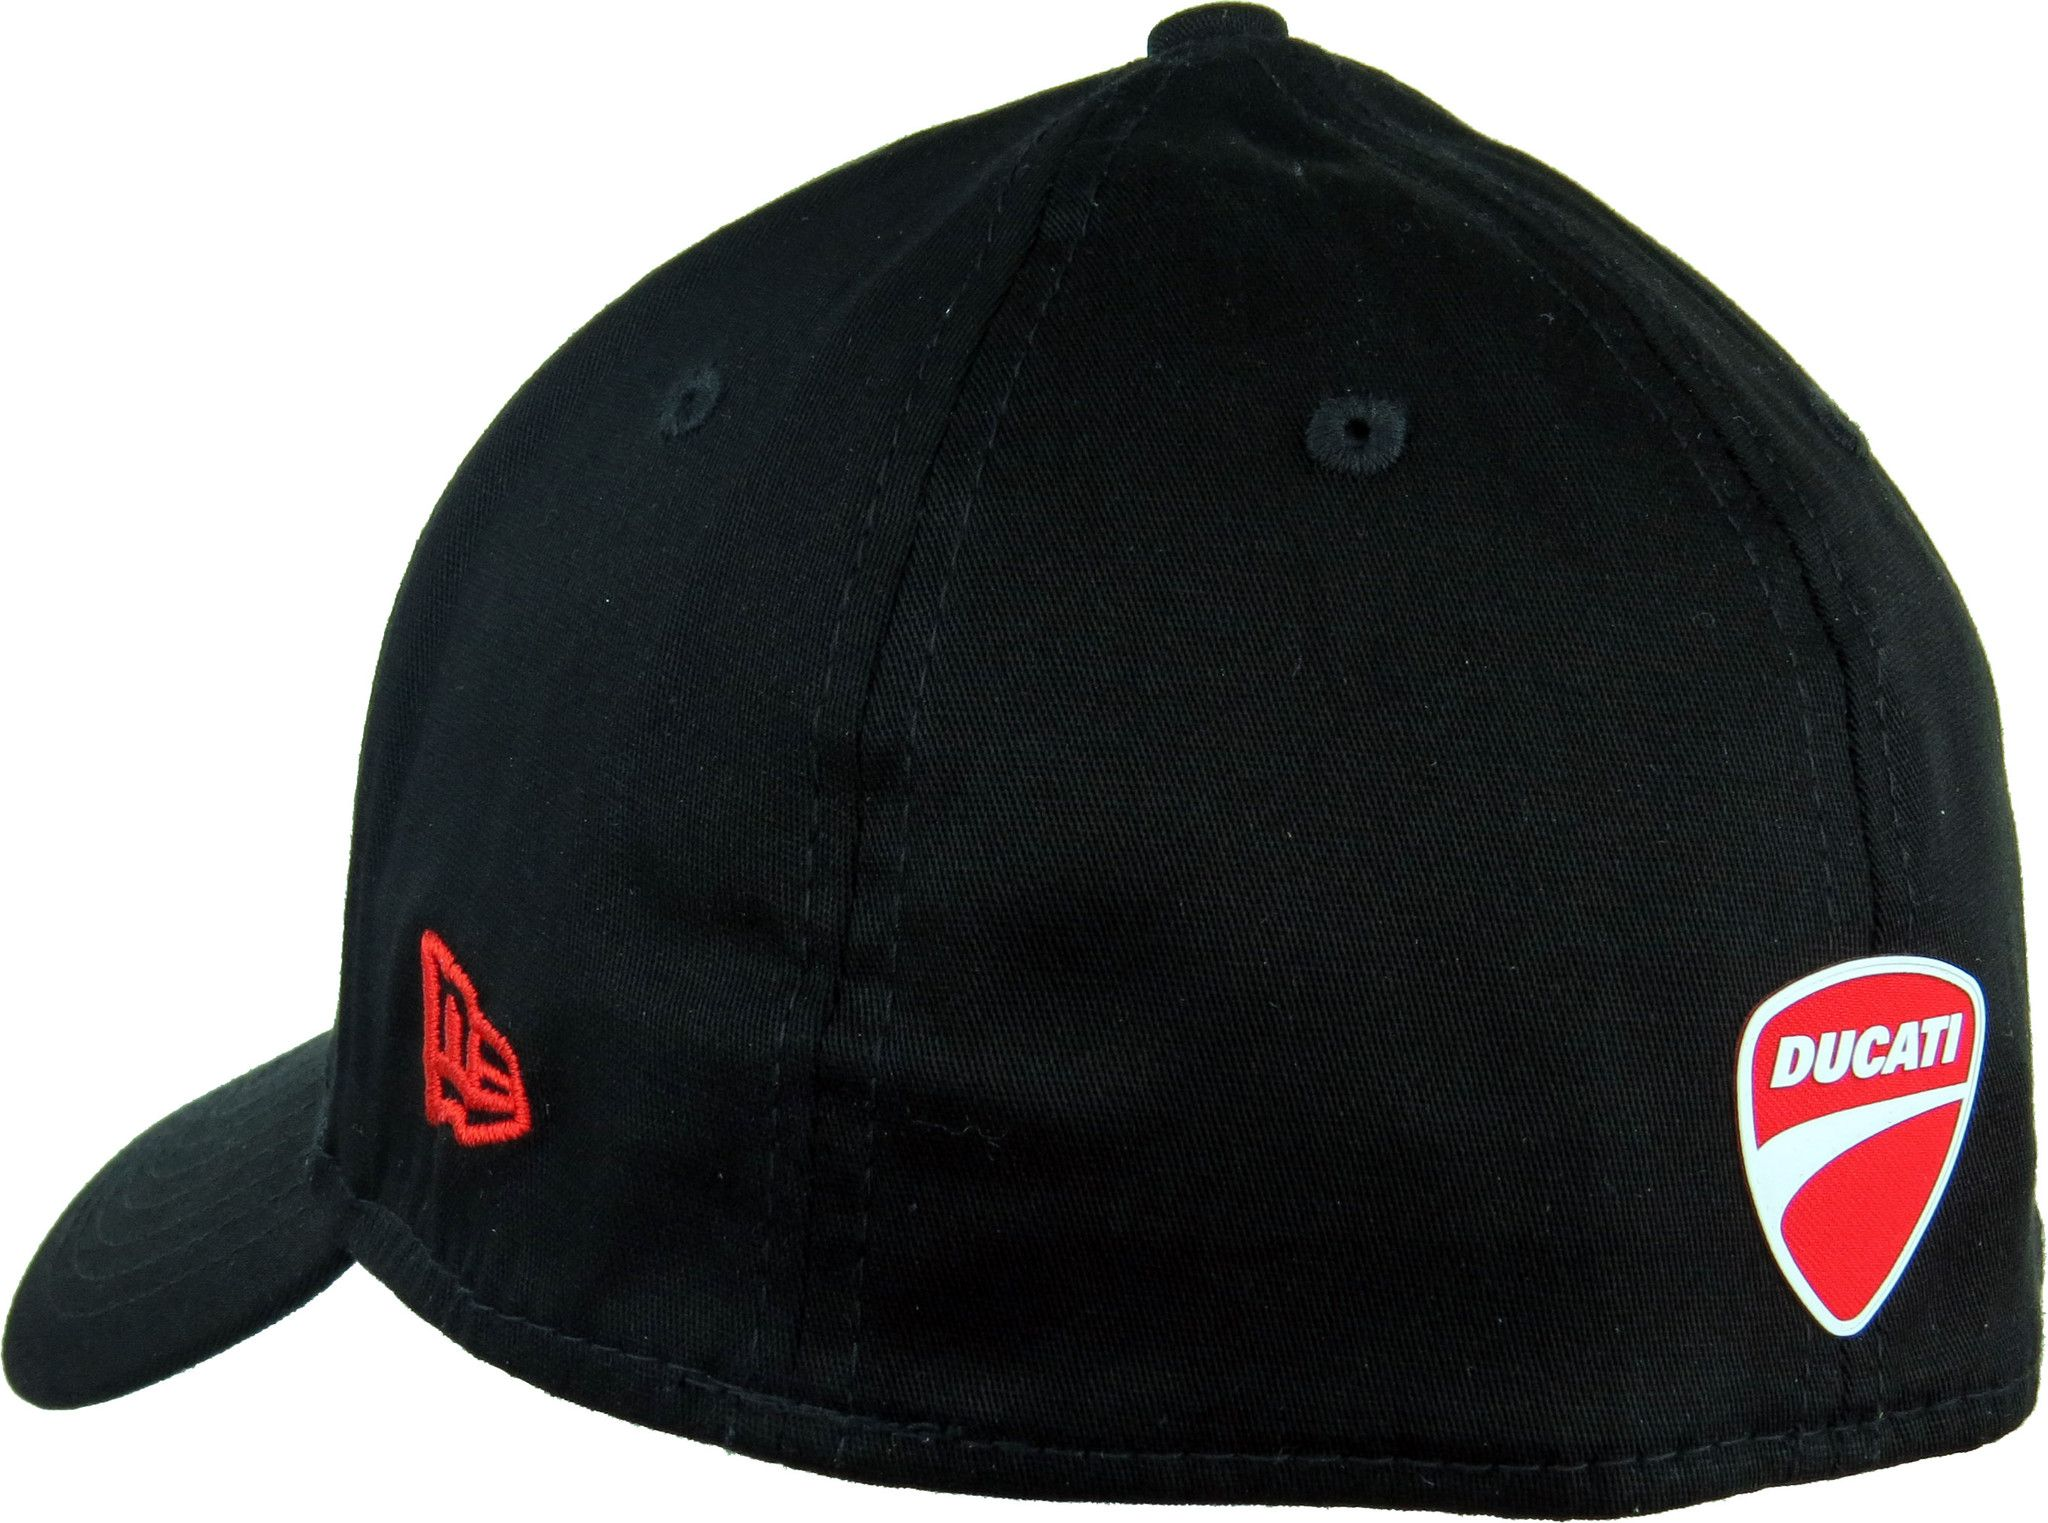 Ducati New Era 39Thirty Stretch Fit Cap. Black a2023e11747